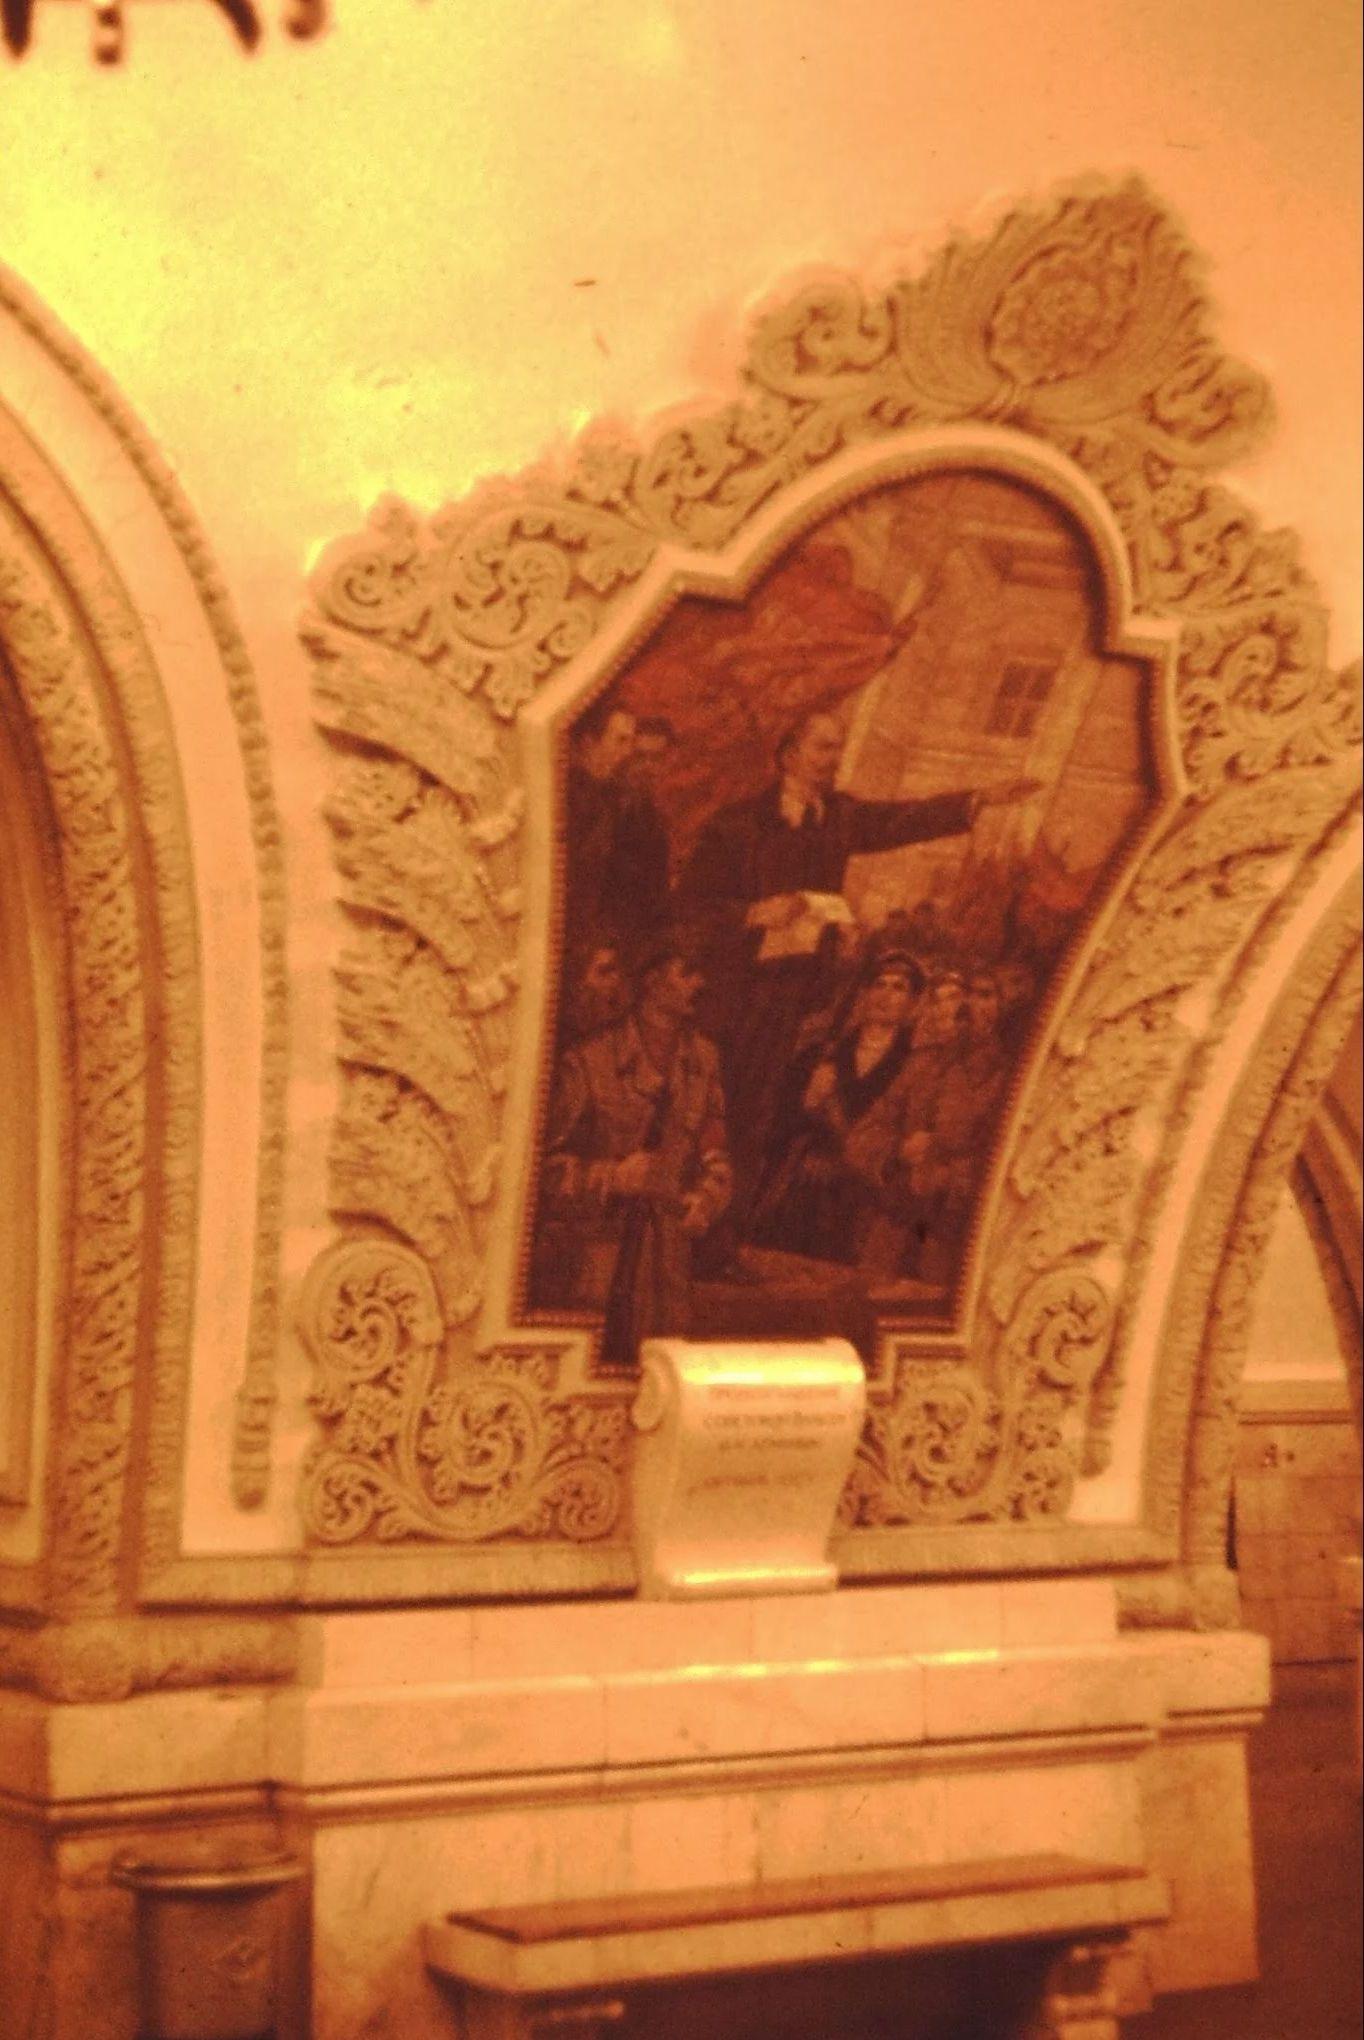 05. Станция метро с революционными изображениями; Ленин выступает с речью